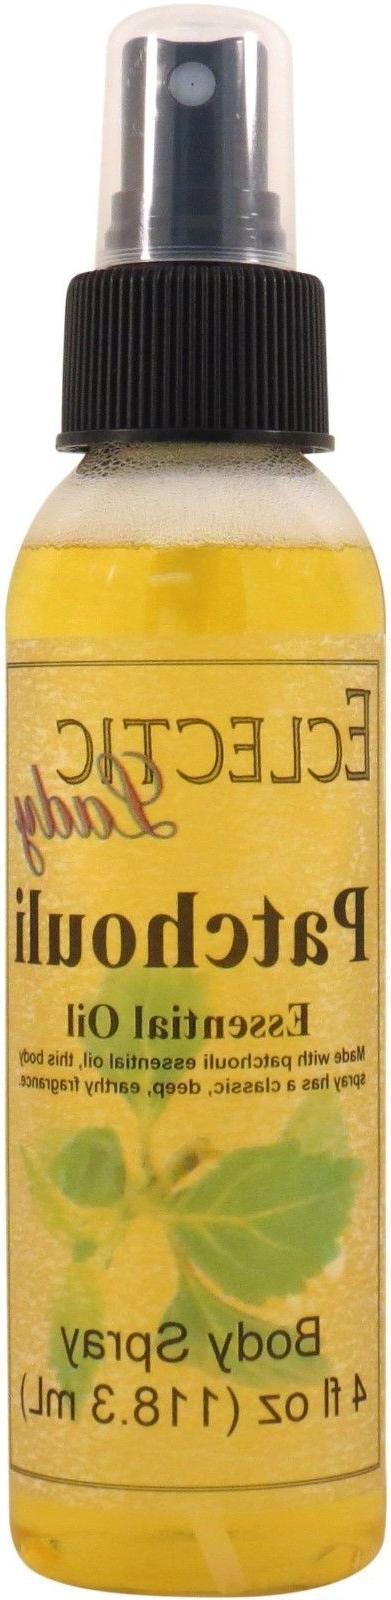 Patchouli Spray